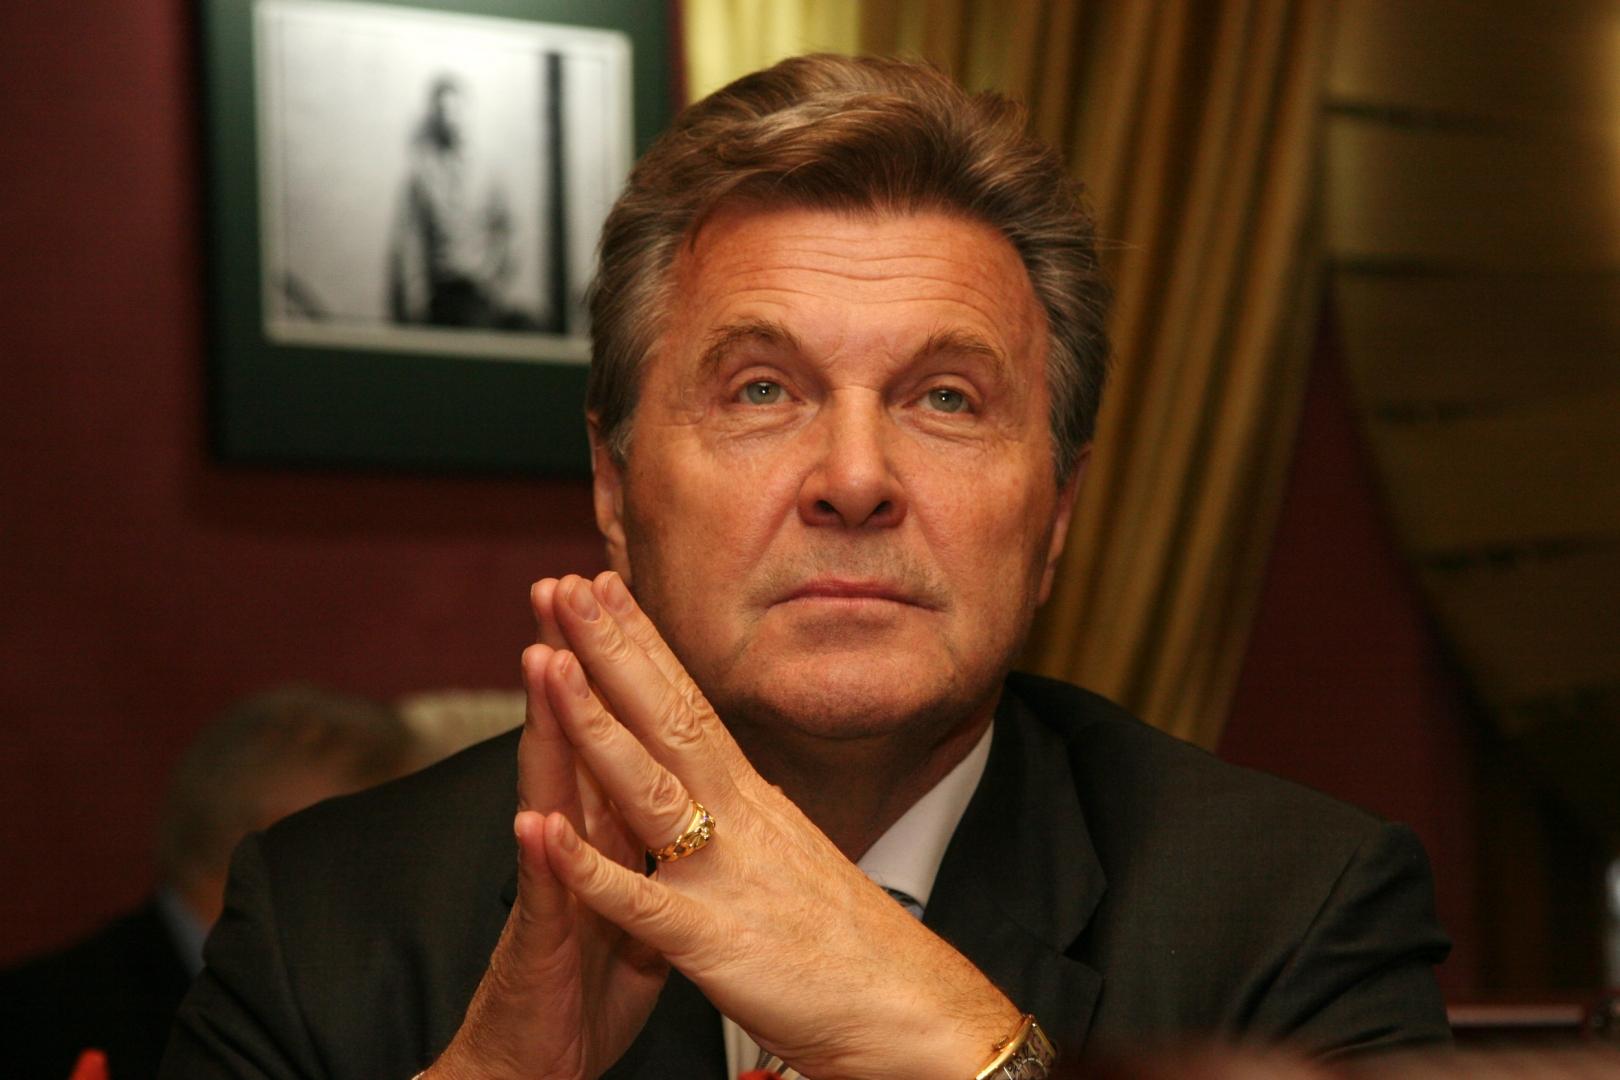 Лев лещенко — легендарный советский и российский певец эстрады.